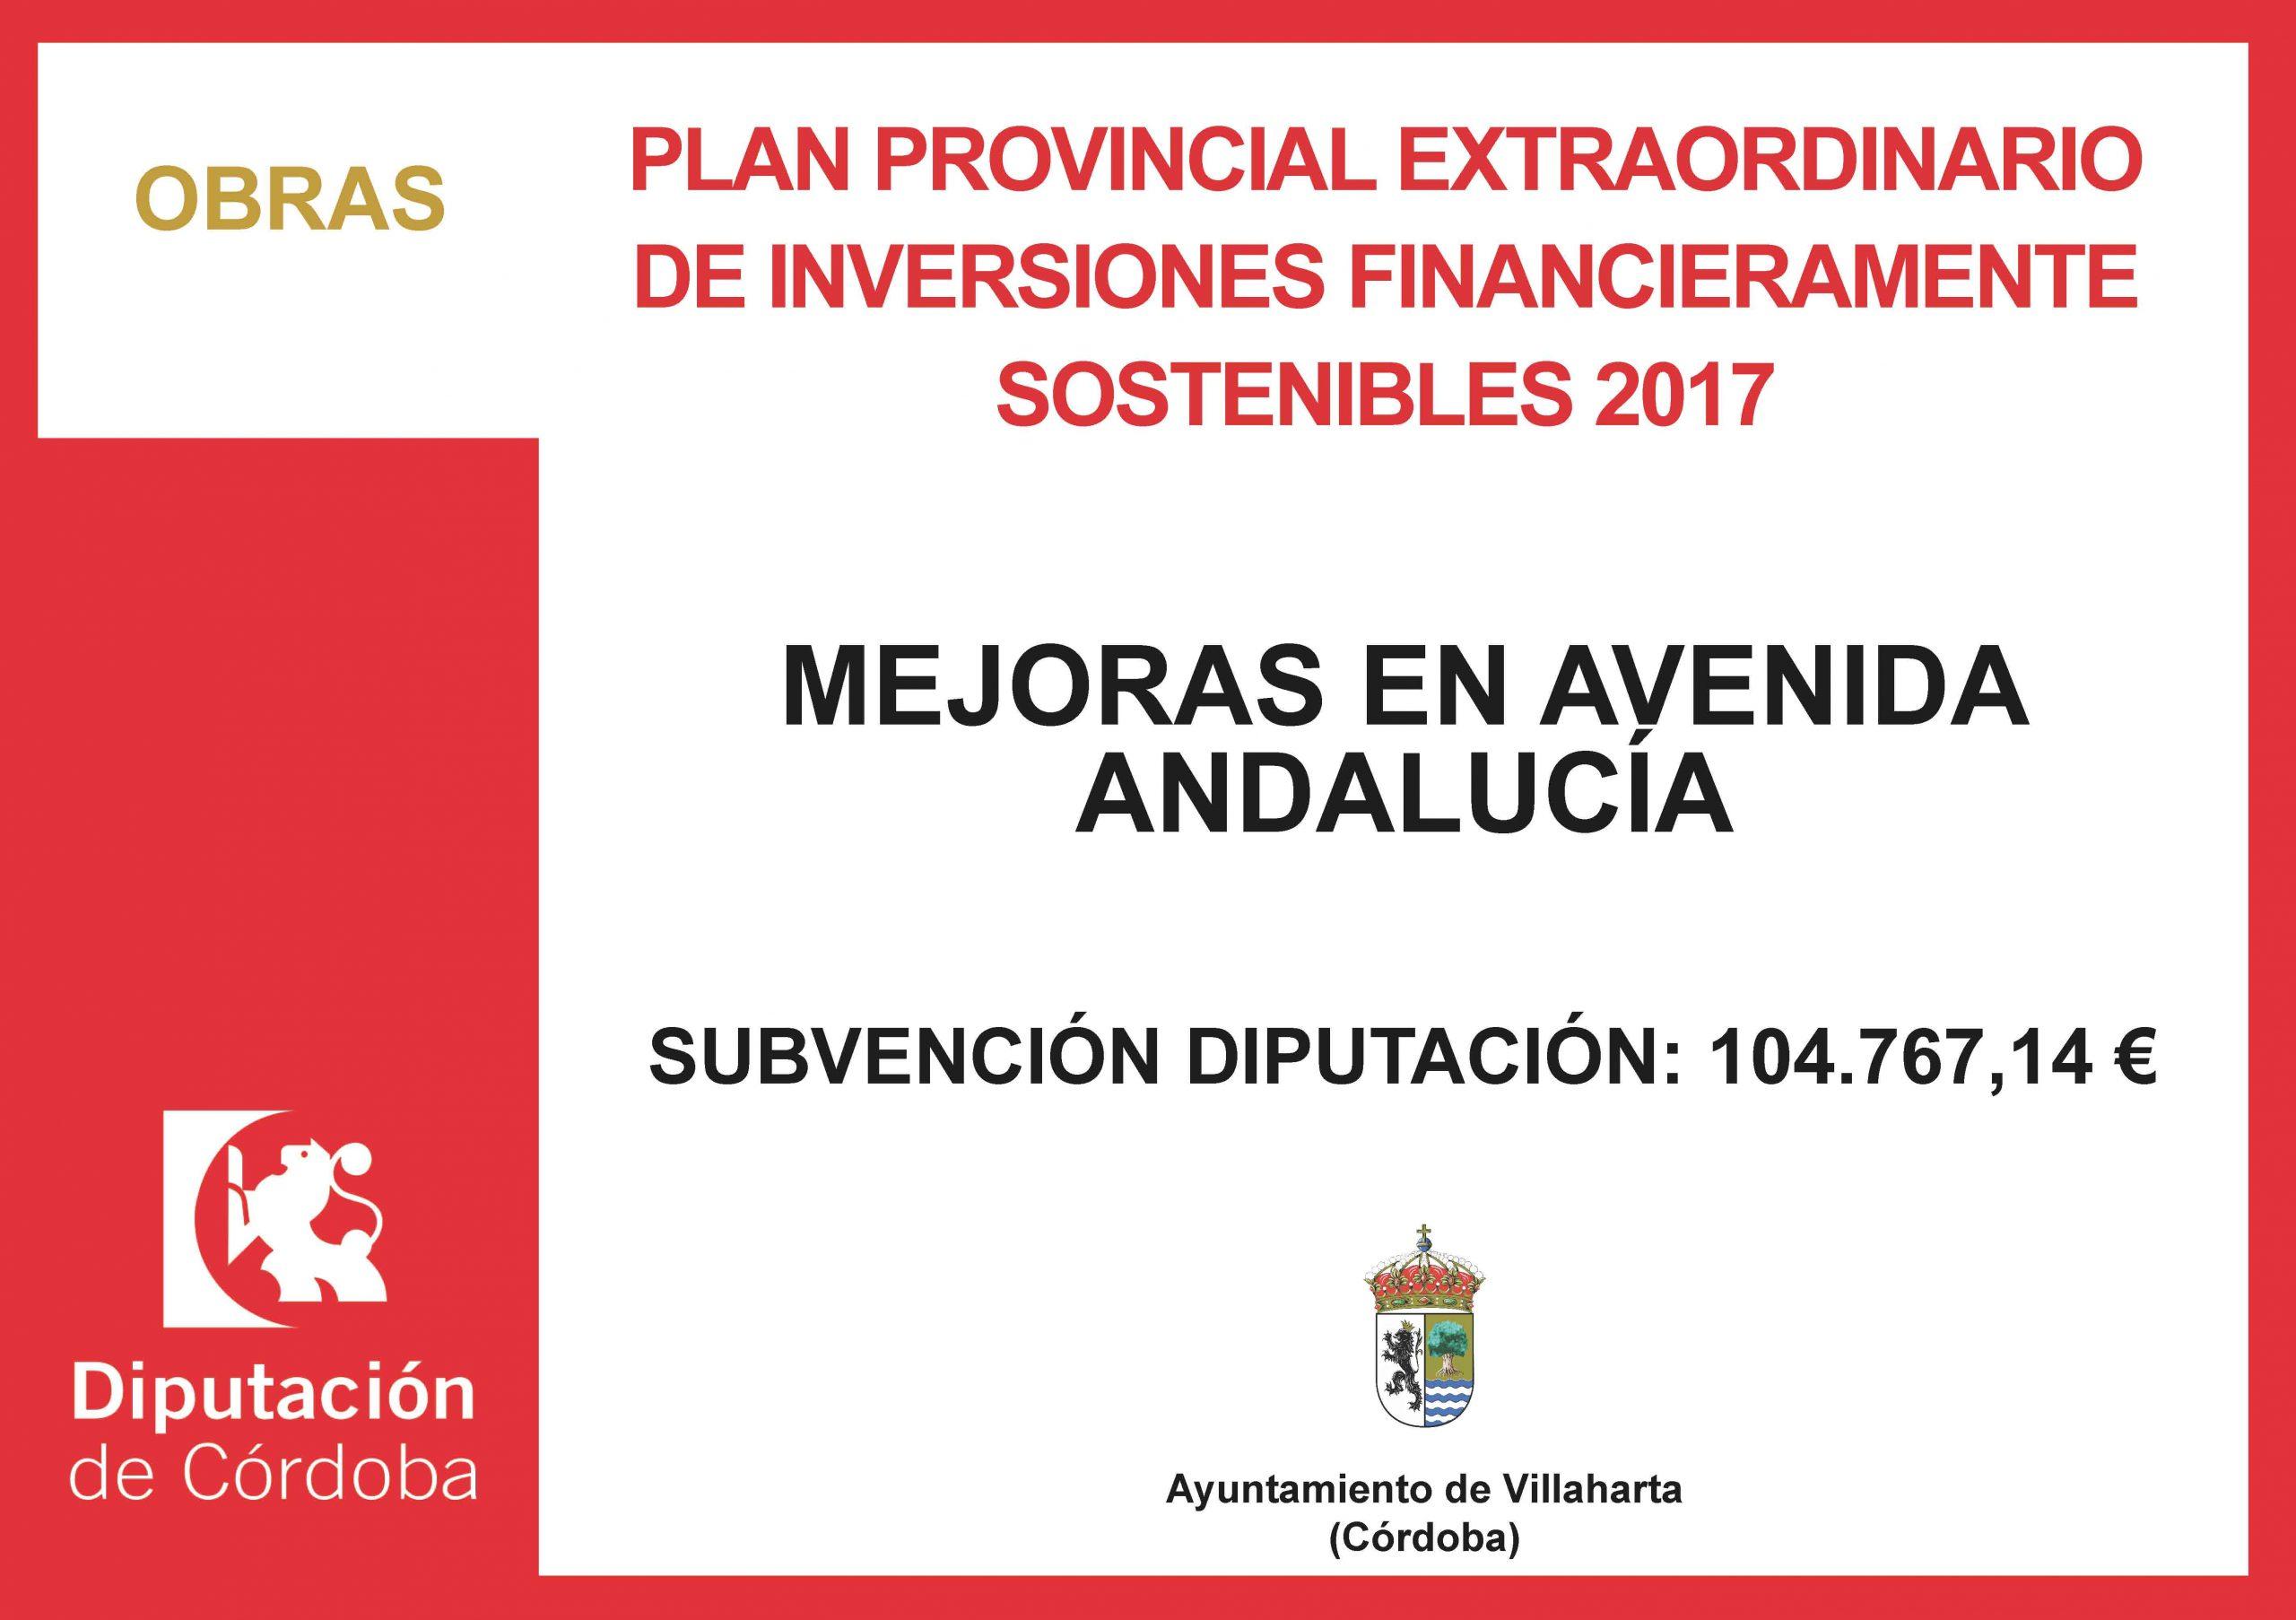 SUBVENCIONES RECIBIDAS. 2017 27